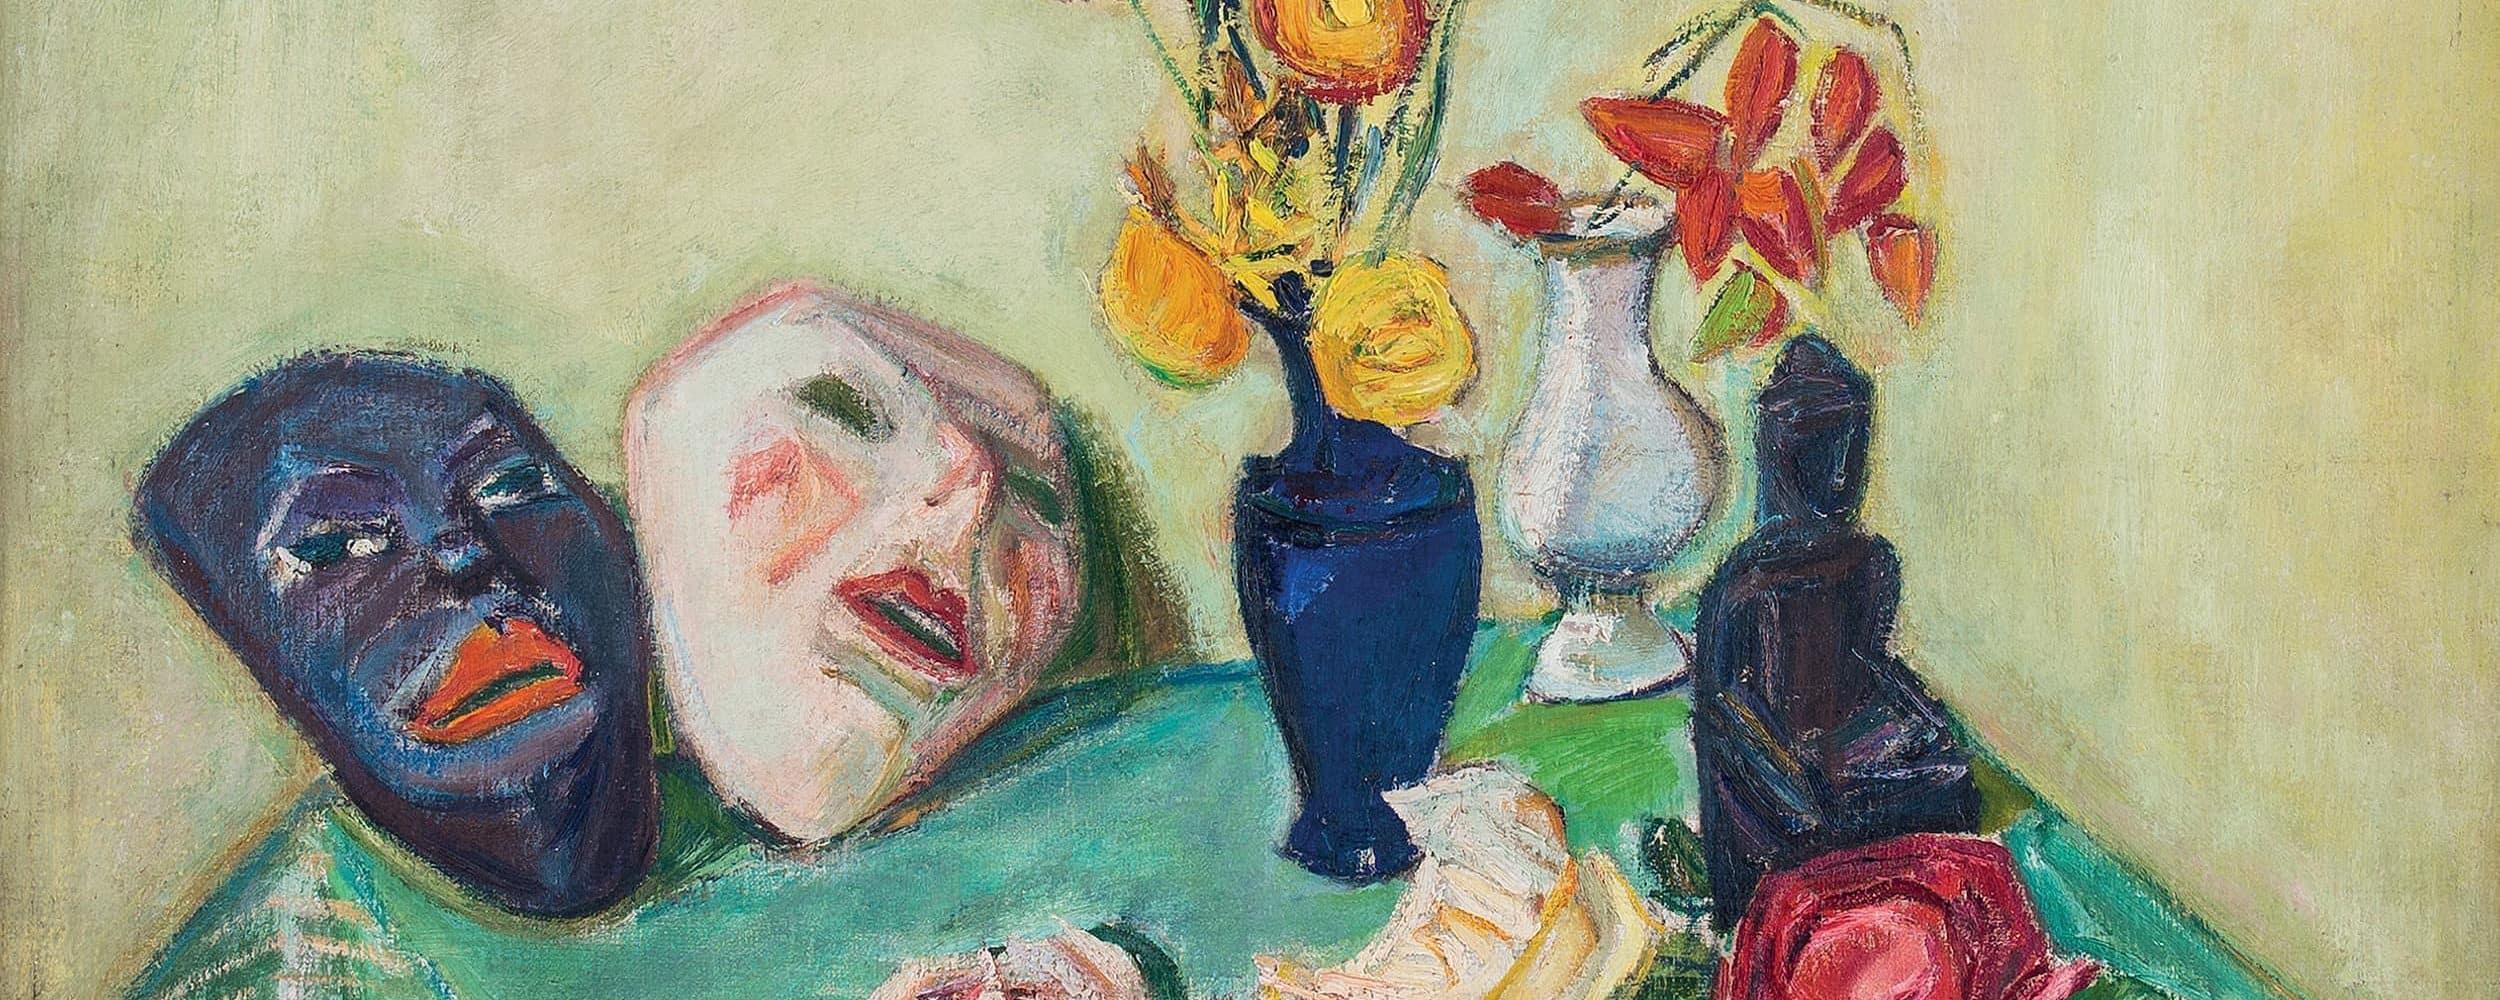 Blumenstillleben mit Masken | 1920